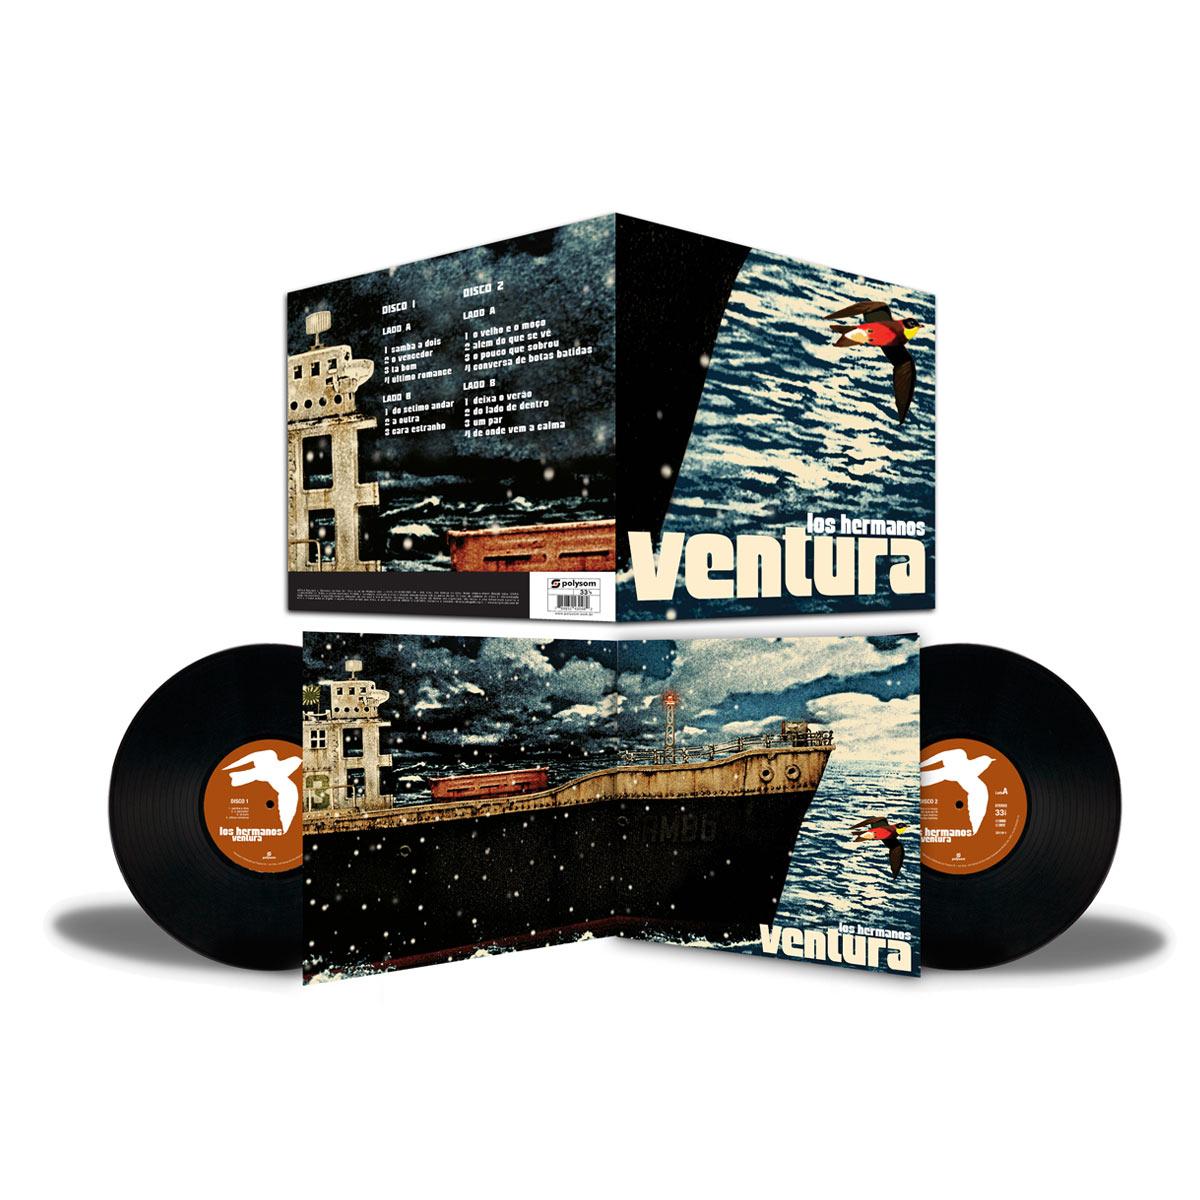 LP Duplo Los Hermanos Ventura  - bandUP Store Marketplace